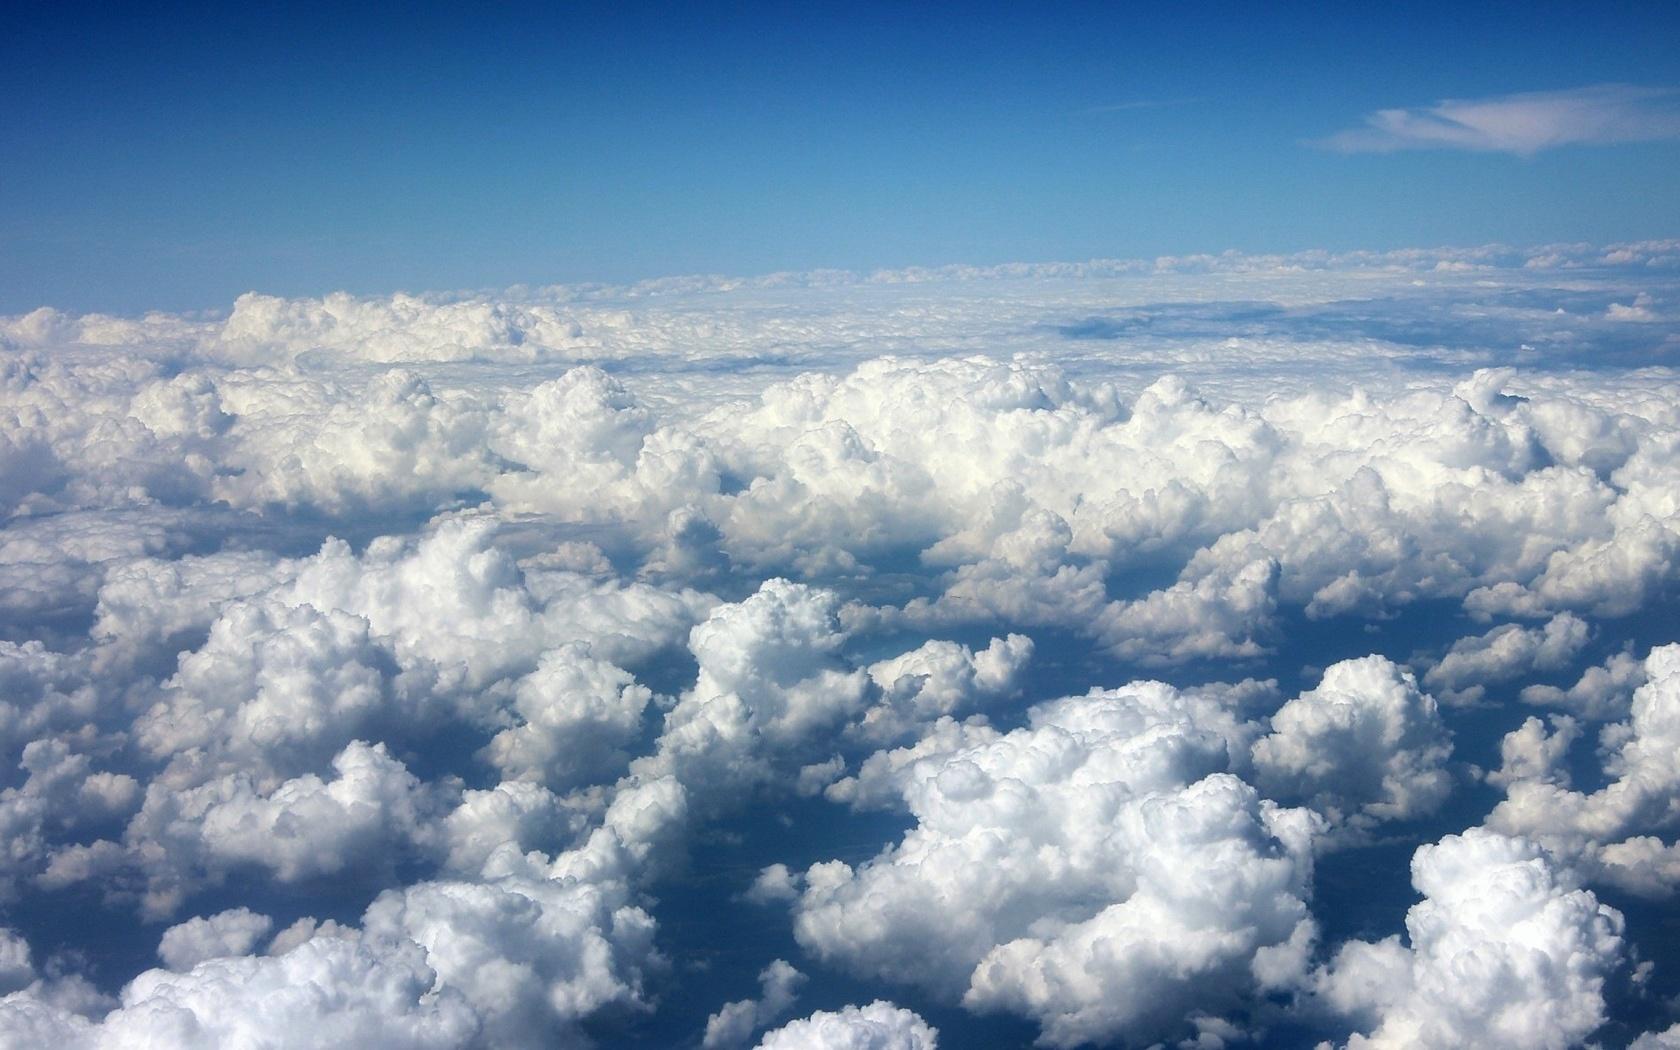 облака картинки качественные традиции, культура, необычные